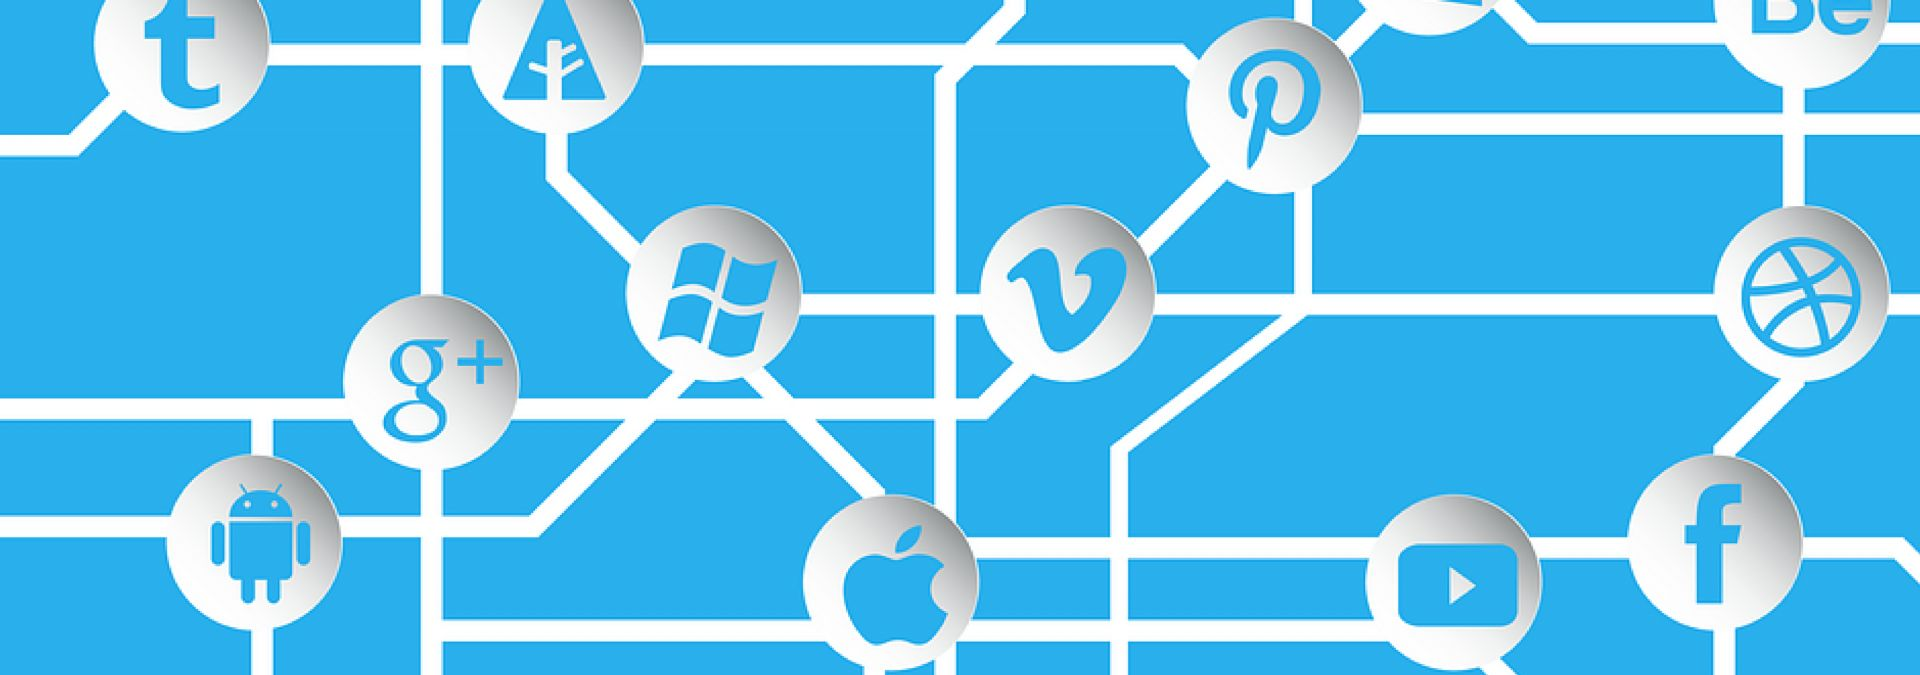 redes sociales, nueva generación, consumo de datos